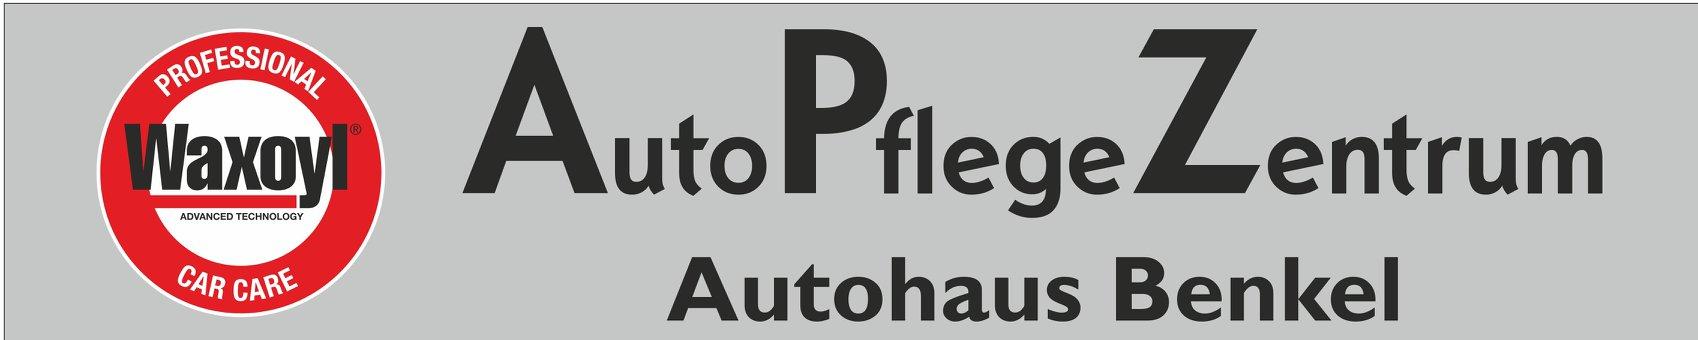 Photo of   AutoPflegeZentrum Benkel